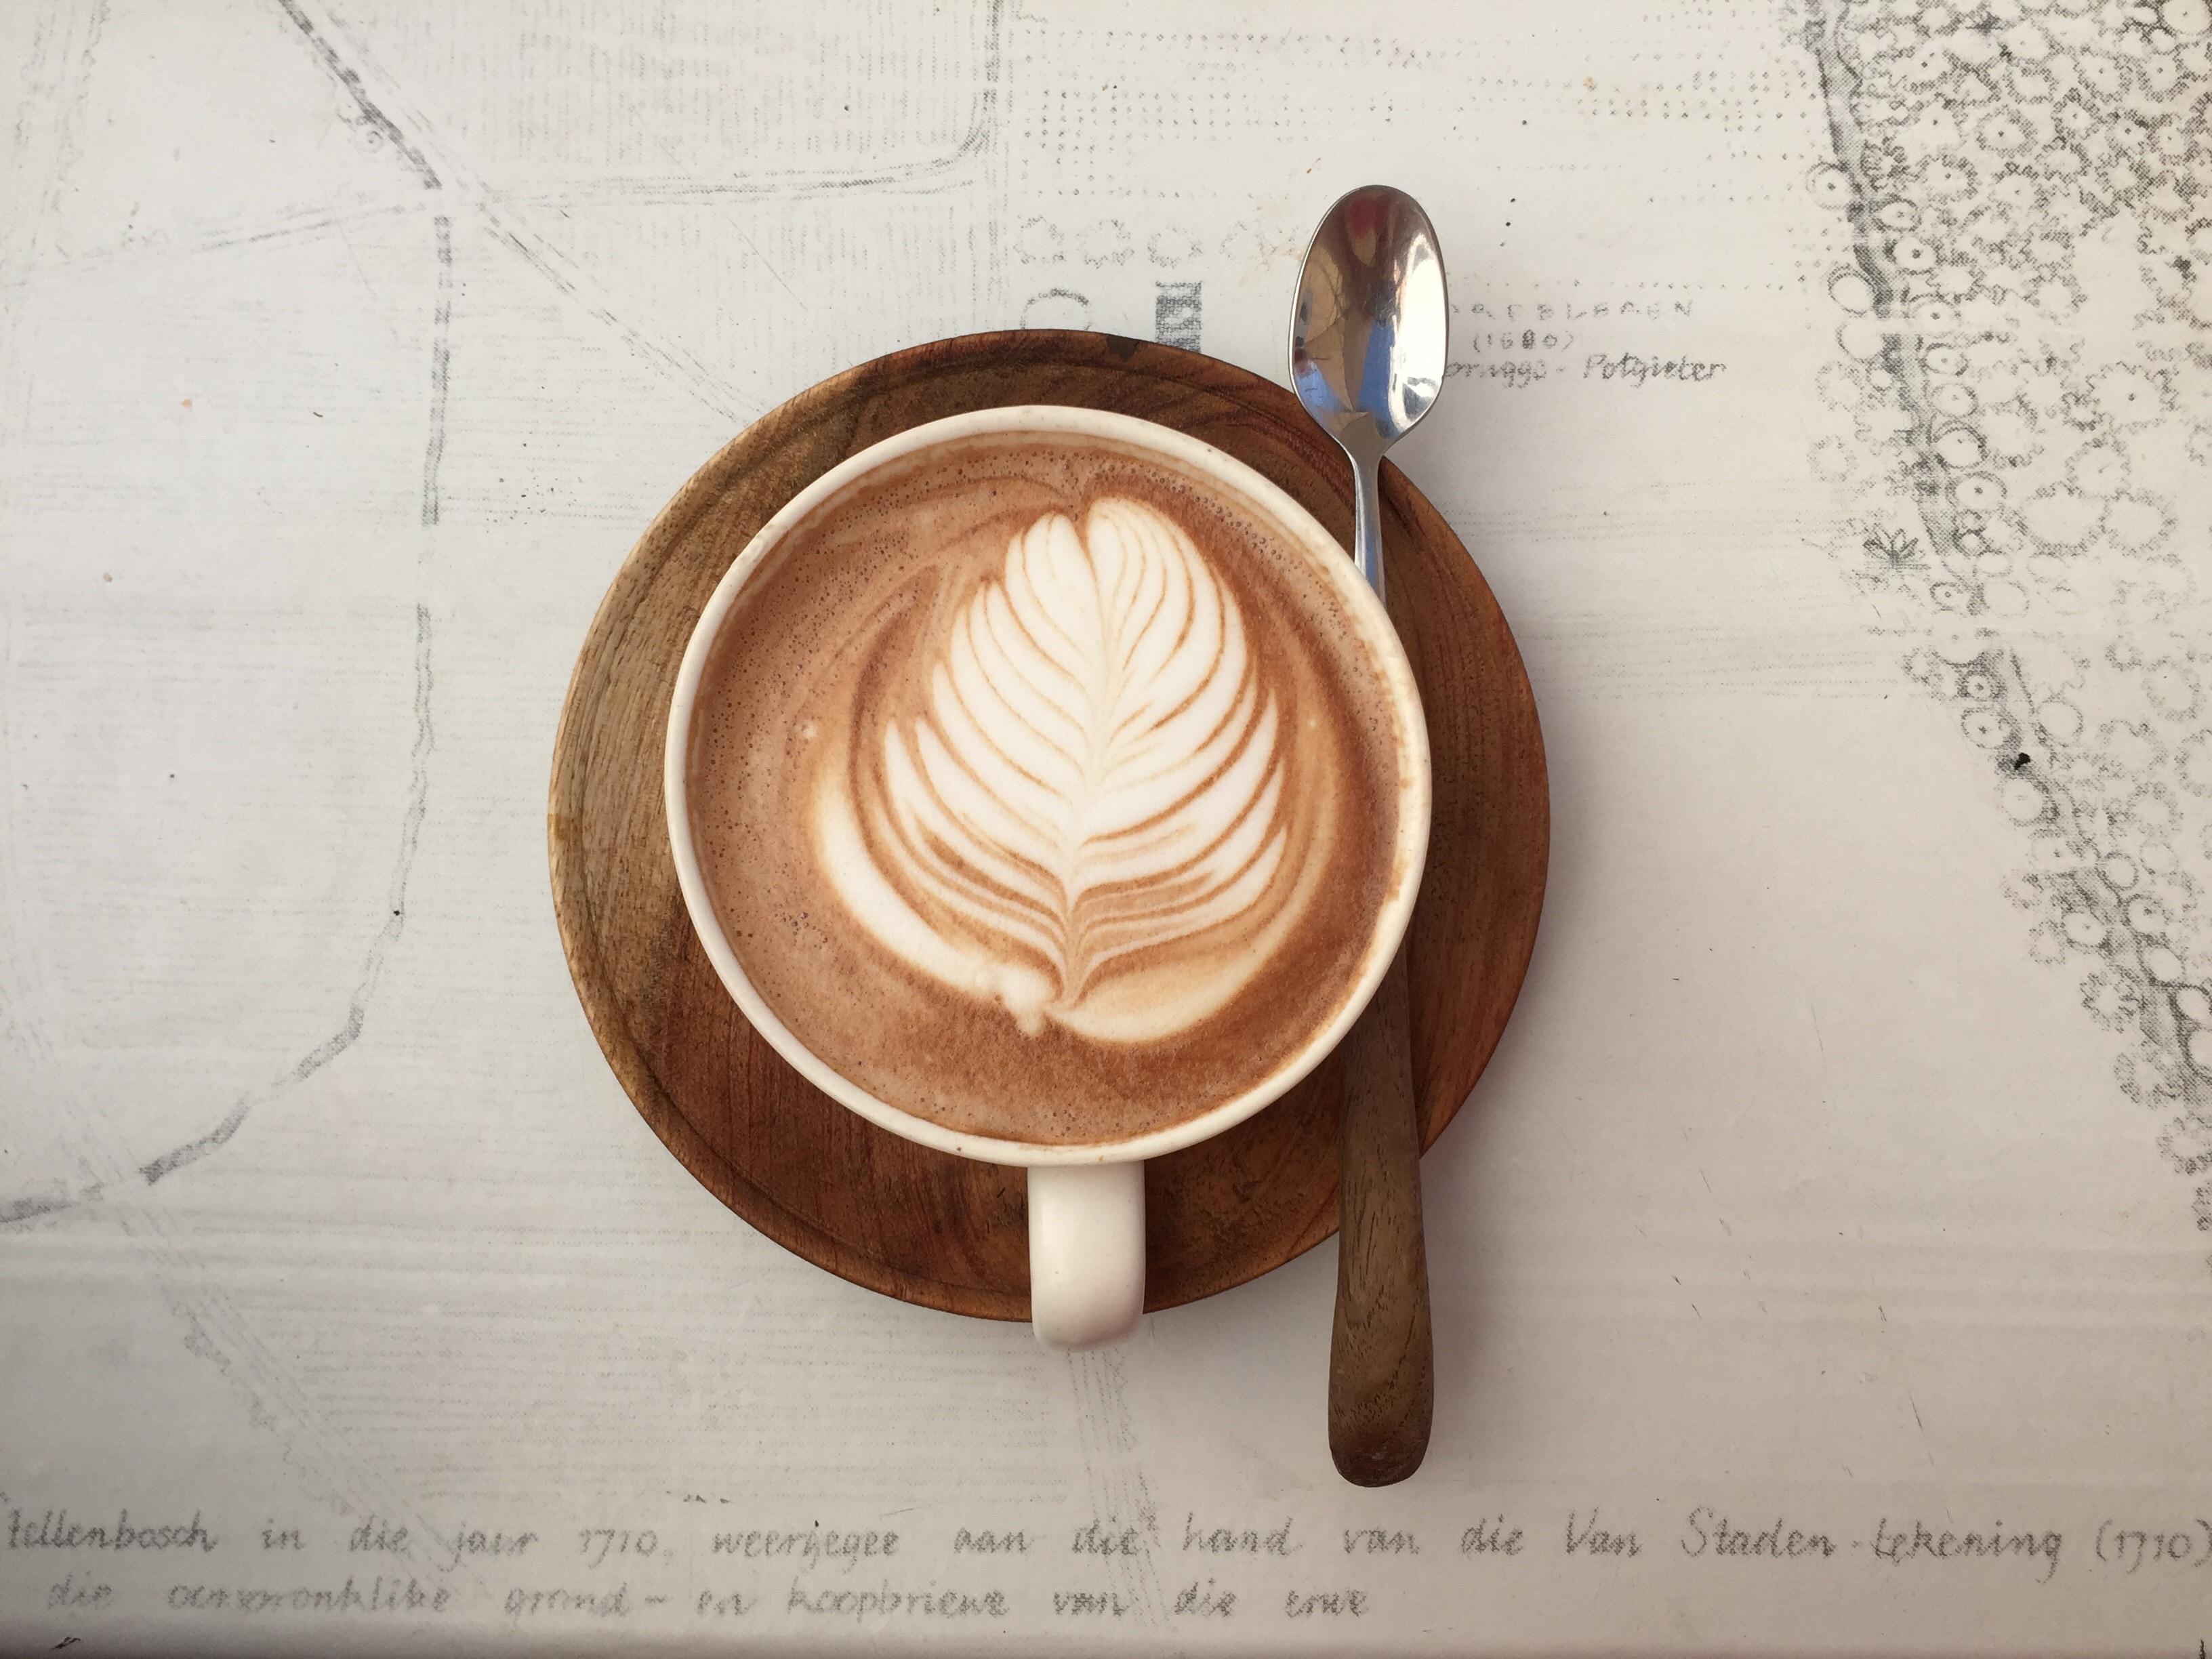 Kostenlose foto : Architektonisch, gebrühter Kaffee, Cappuccino ...